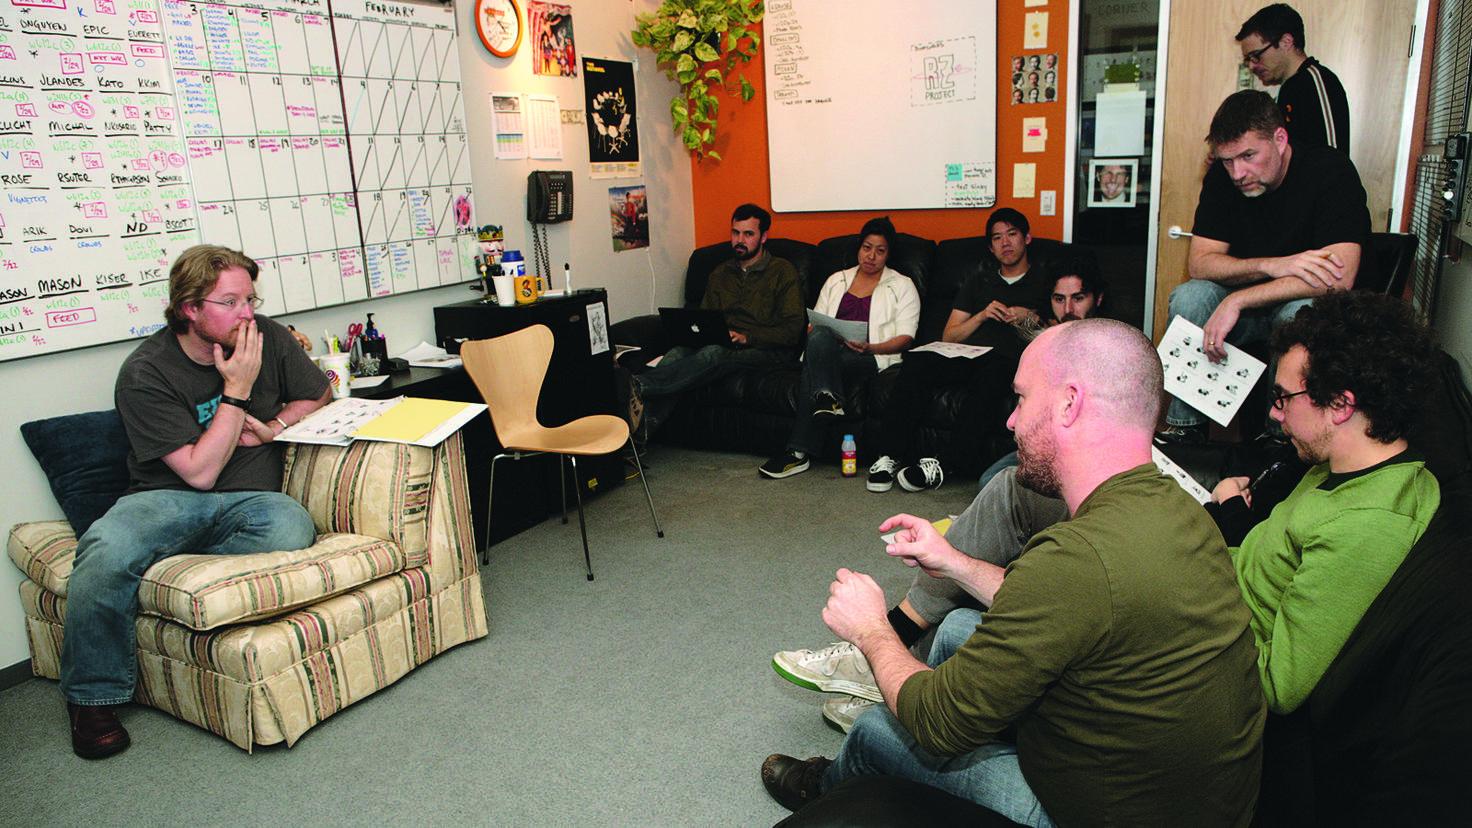 Come together: Ob Projektbesprechung oder lockerer Ideenaustausch, das Begegnen und Reden ist Firmenphilosophie.